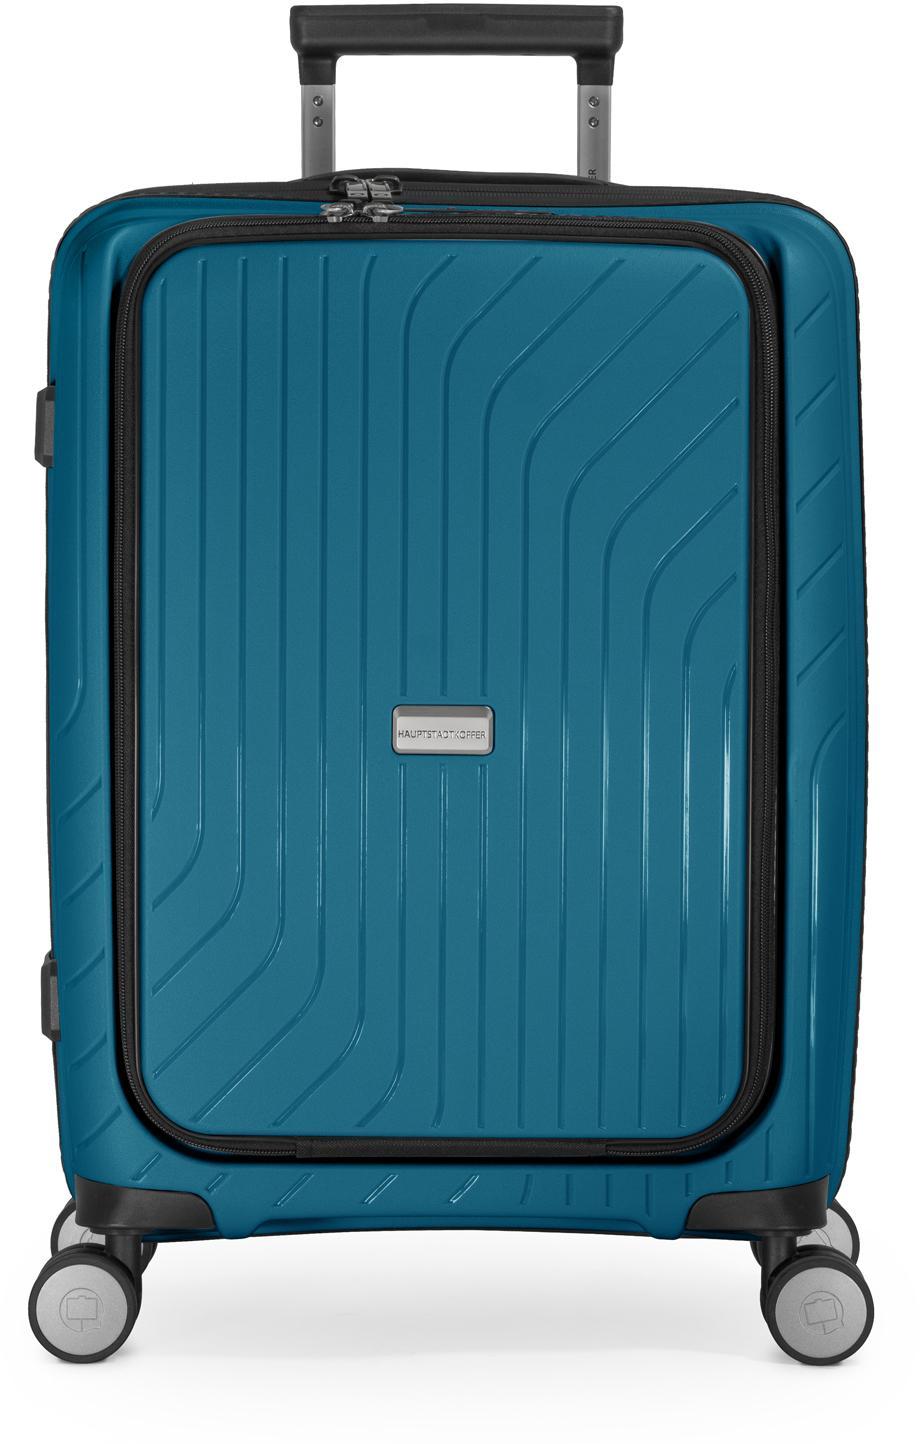 Hauptstadtkoffer Hartschalen-Trolley TXL, dunkelblau, 55 cm, 4 Rollen   Taschen > Koffer & Trolleys > Trolleys   Blau   hauptstadtkoffer